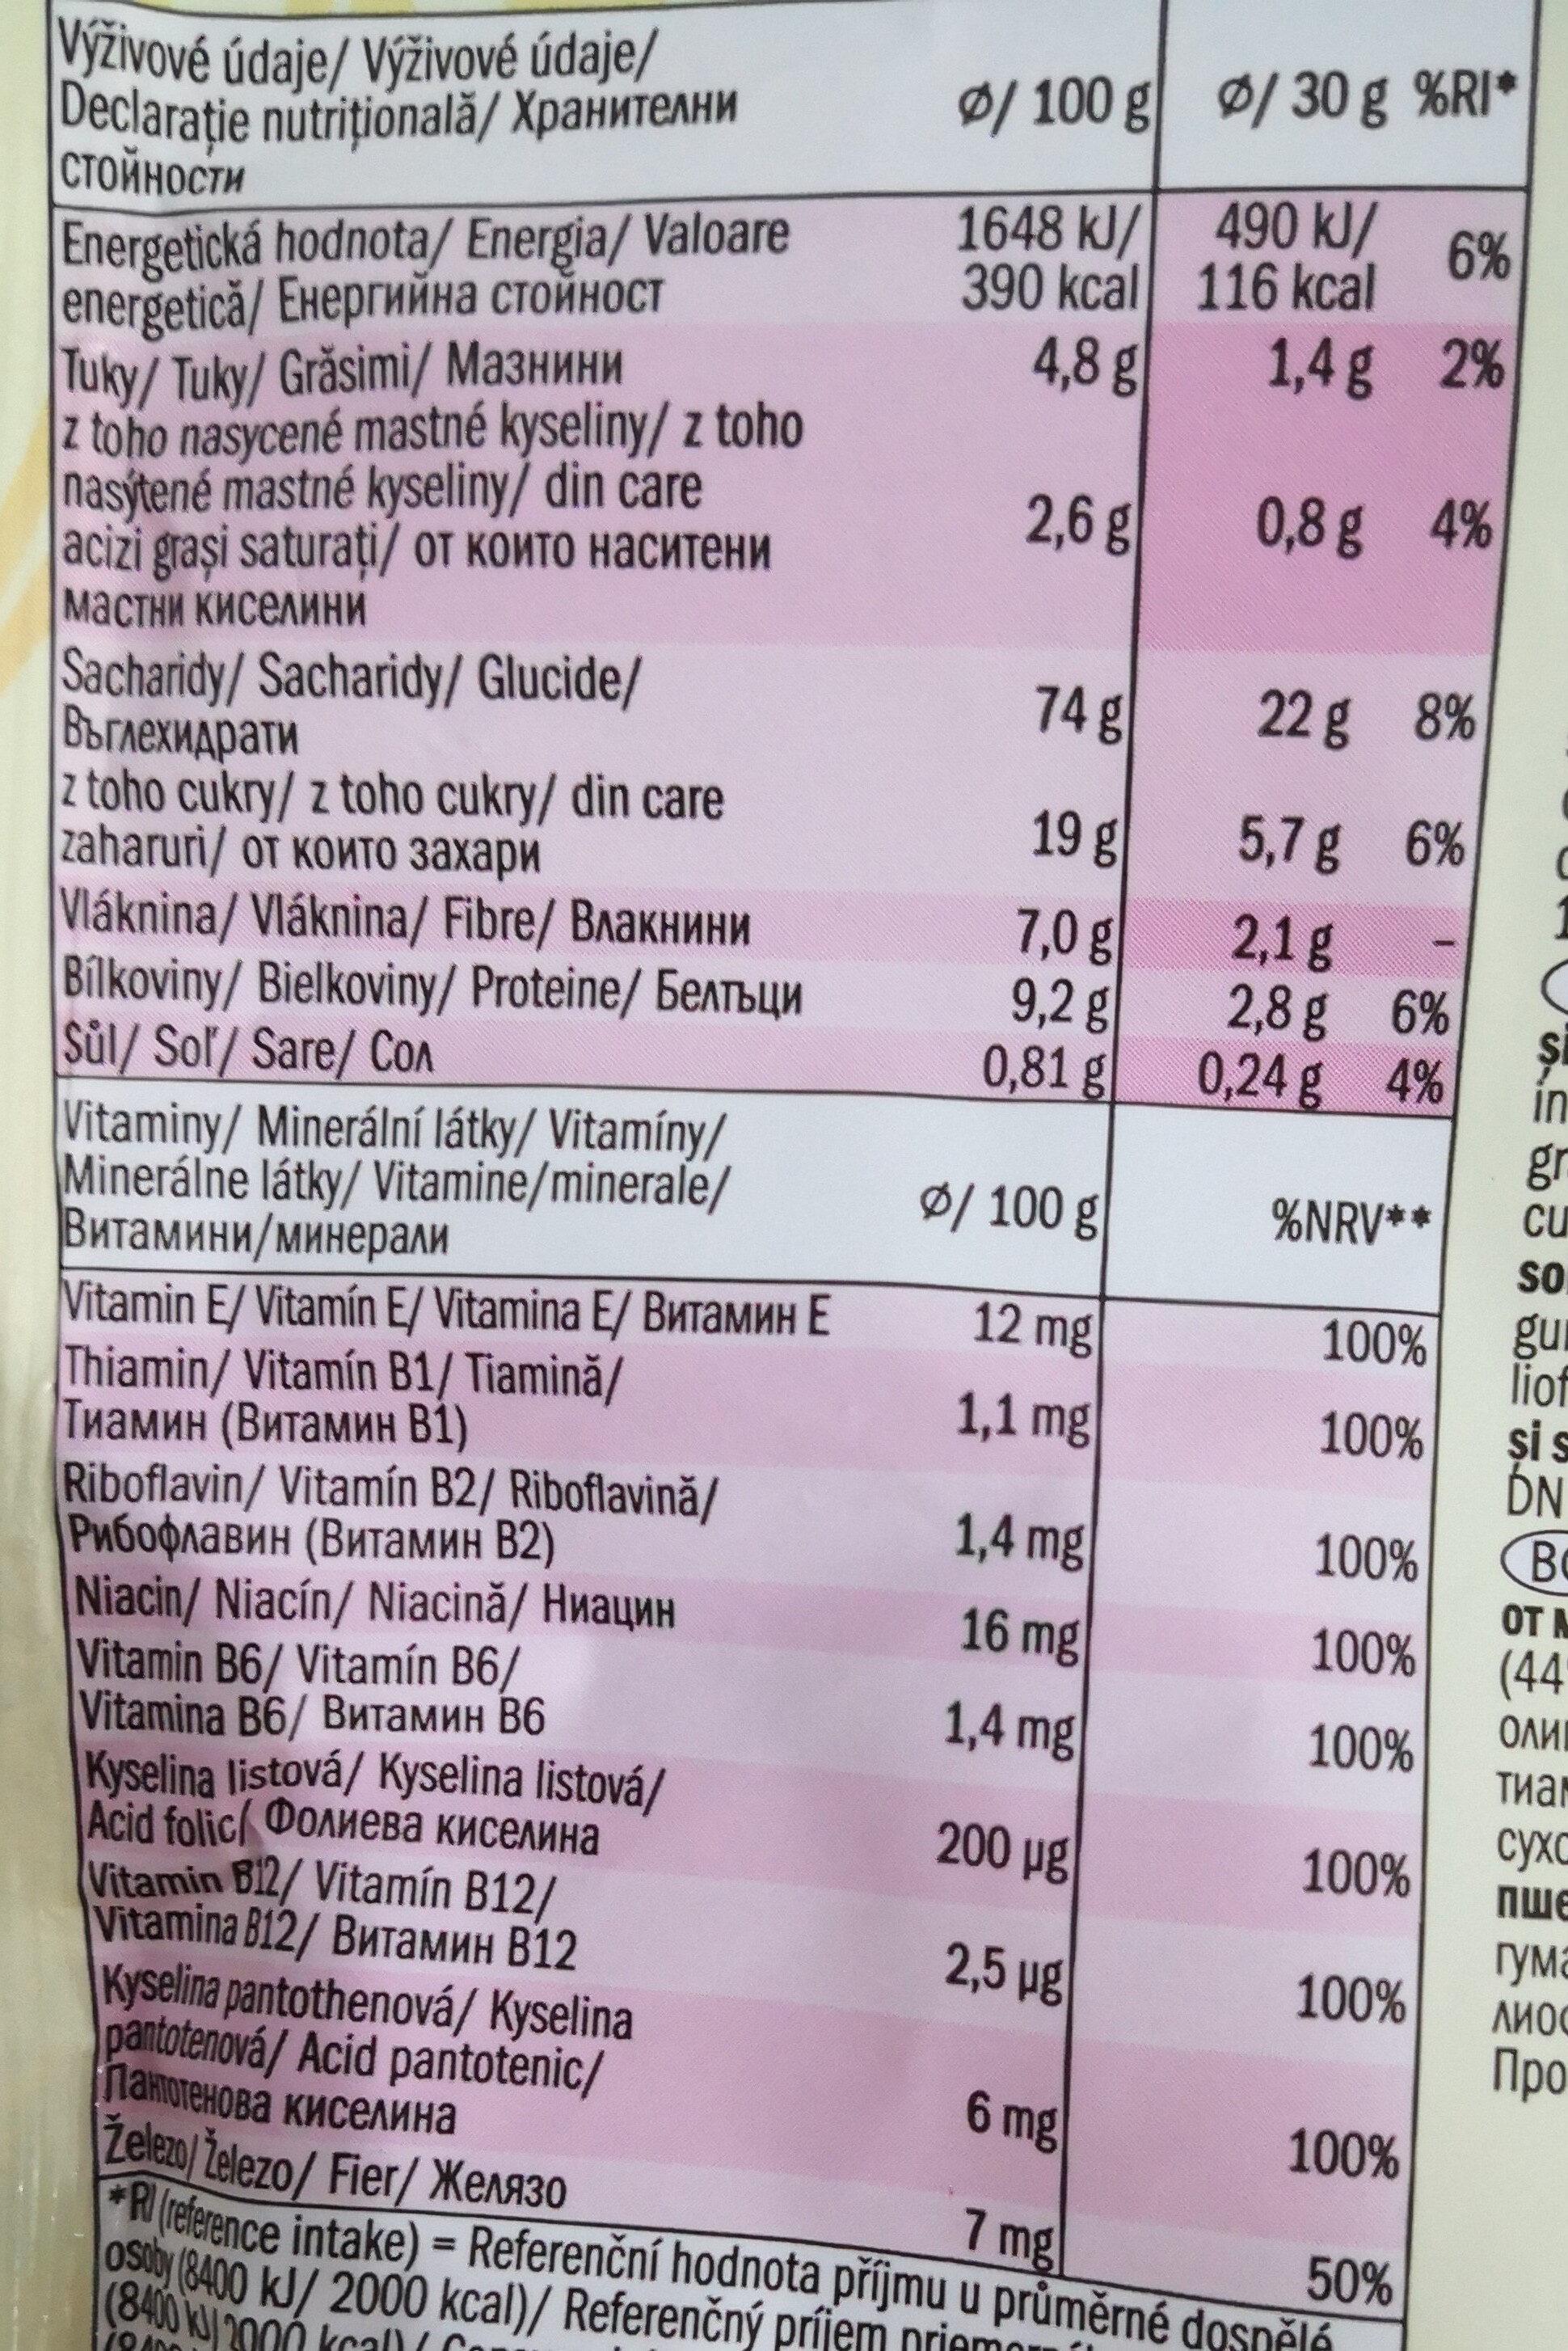 Fulgi de grâu integral și orez în glazura - Nutrition facts